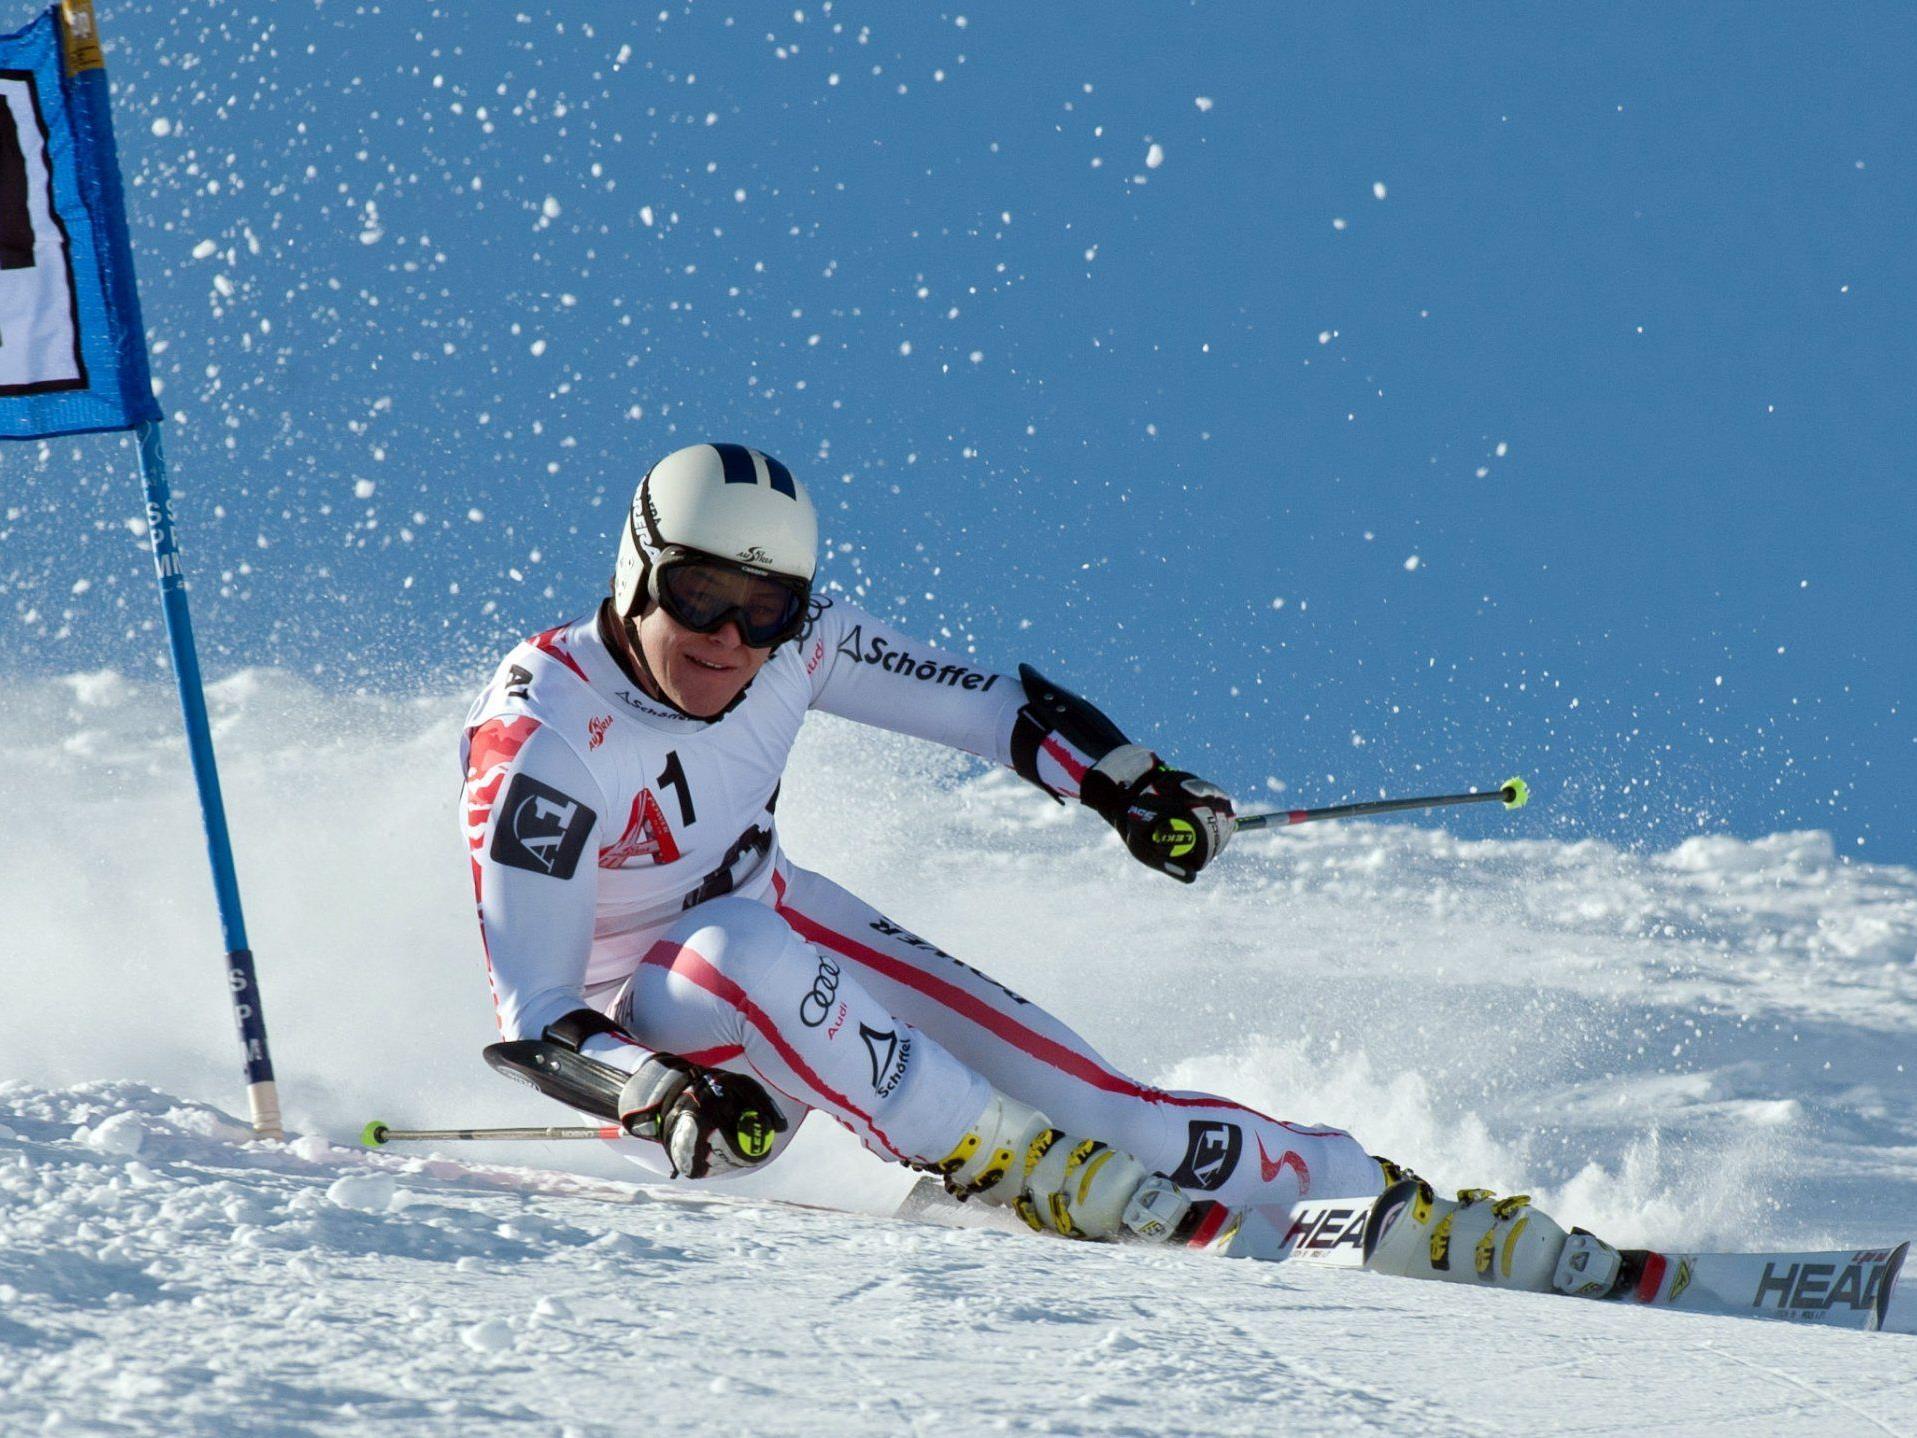 Bernhard Graf bekommt auf Vorarlberger Pisten den letzten Schliff vor den nächsten Weltcuprennen.